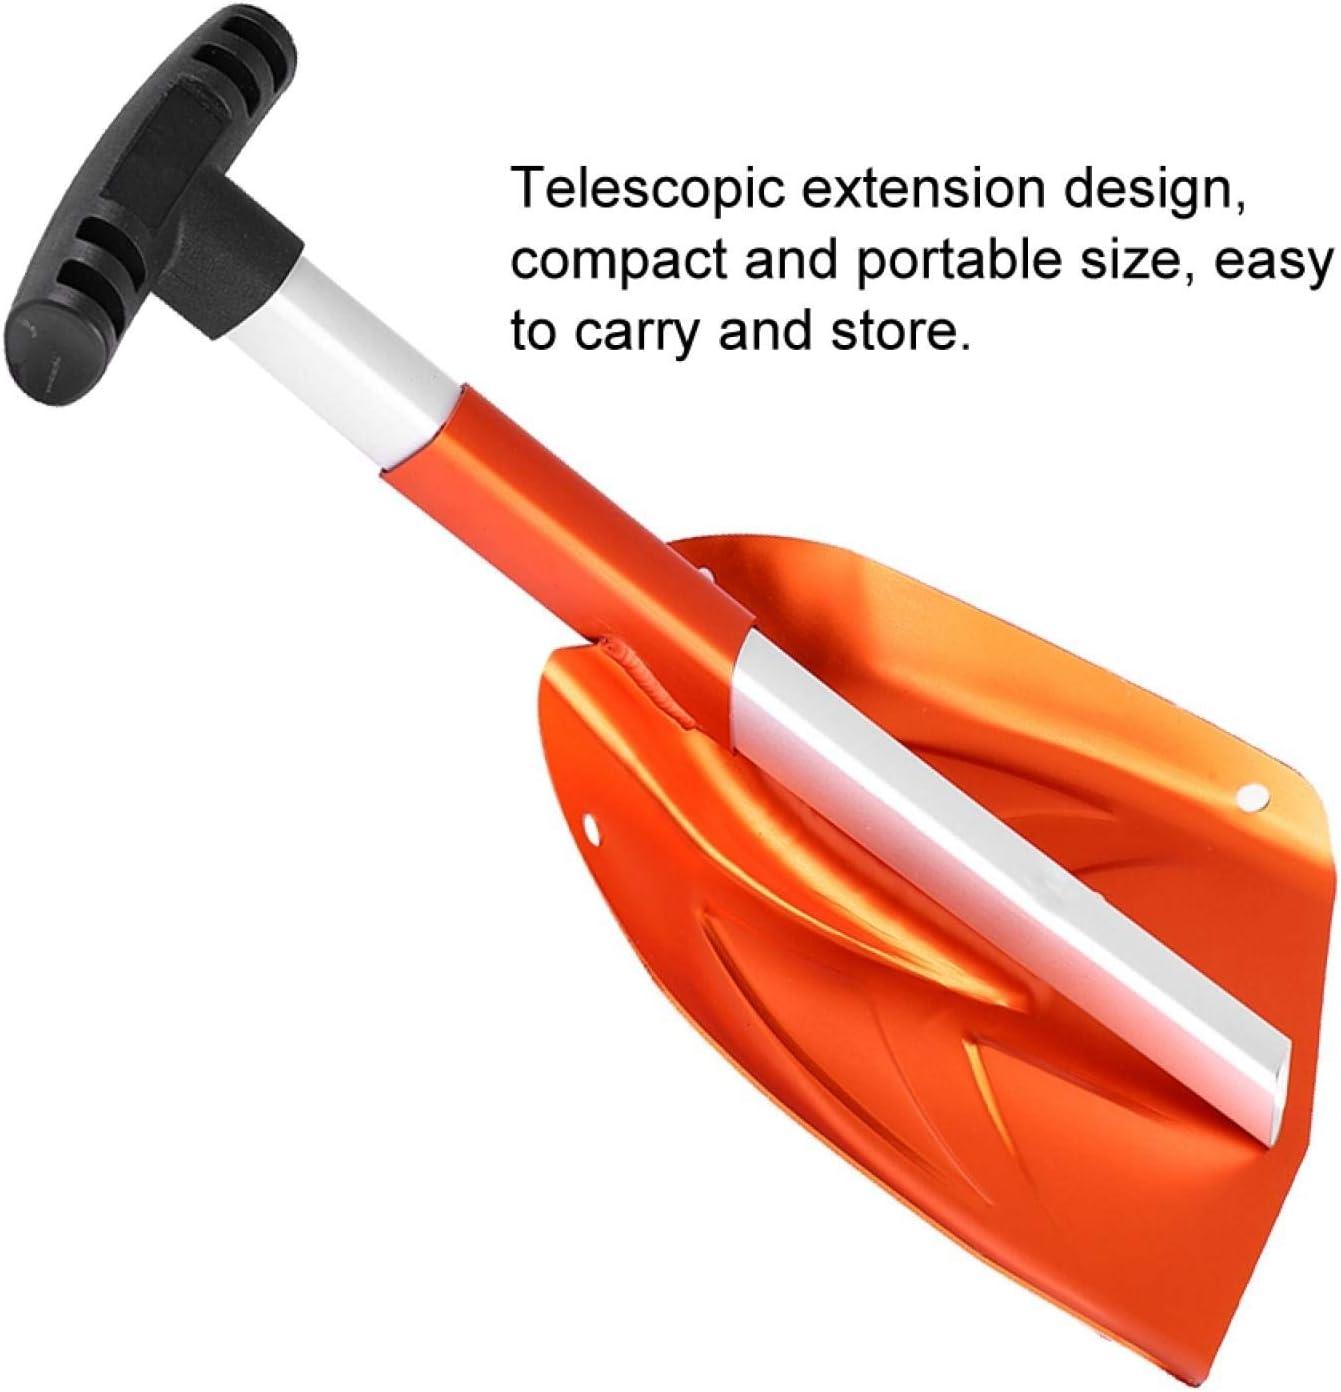 Garage Orange Voiture Asixxsix Pelle /à Neige Outil de d/éneigement de Pelle /à Neige dhiver t/élescopique Amovible Portable en Alliage daluminium pour all/ée ext/érieure